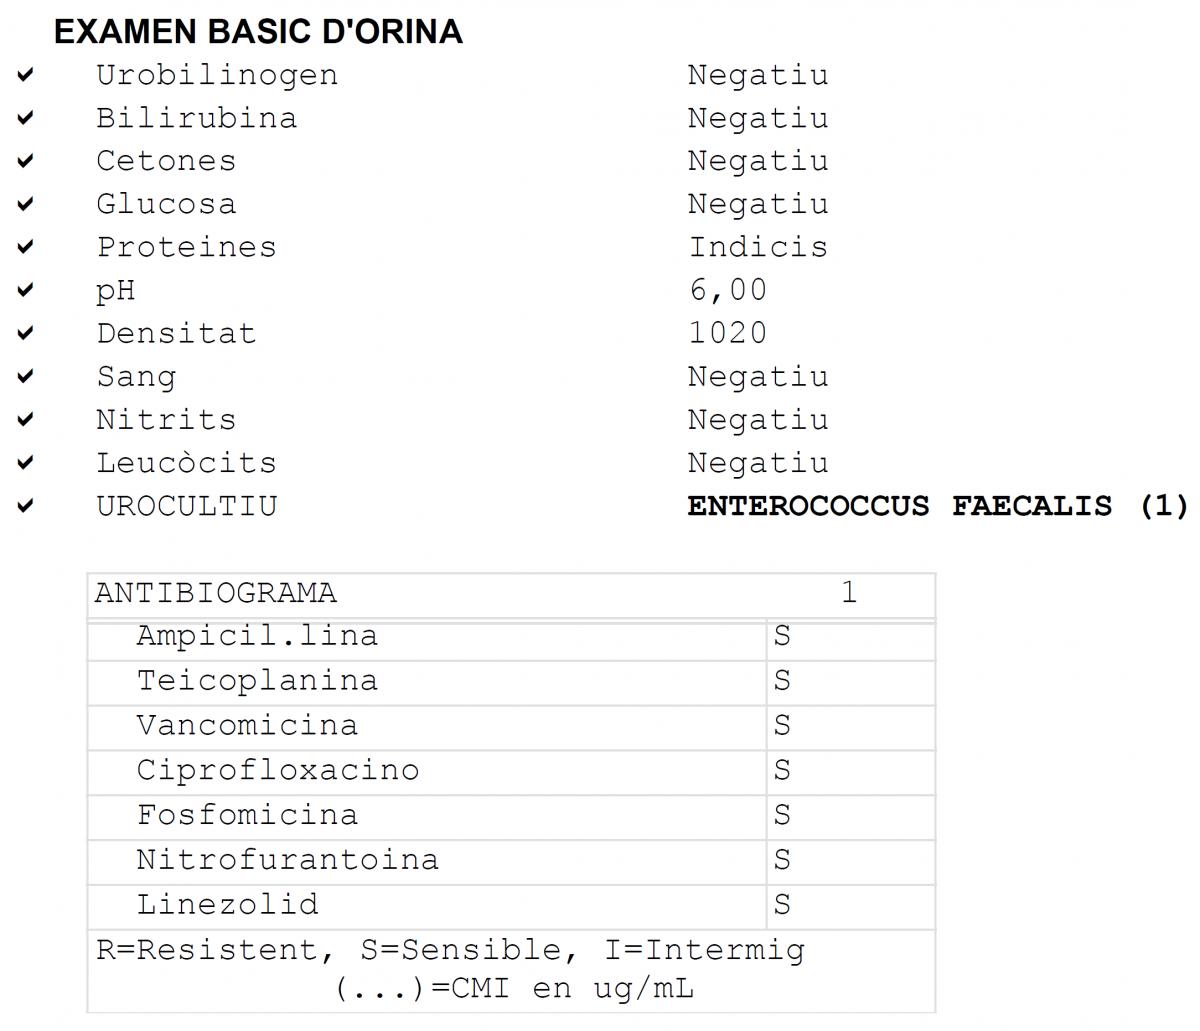 resultados de examen de orina en infeccion urinaria